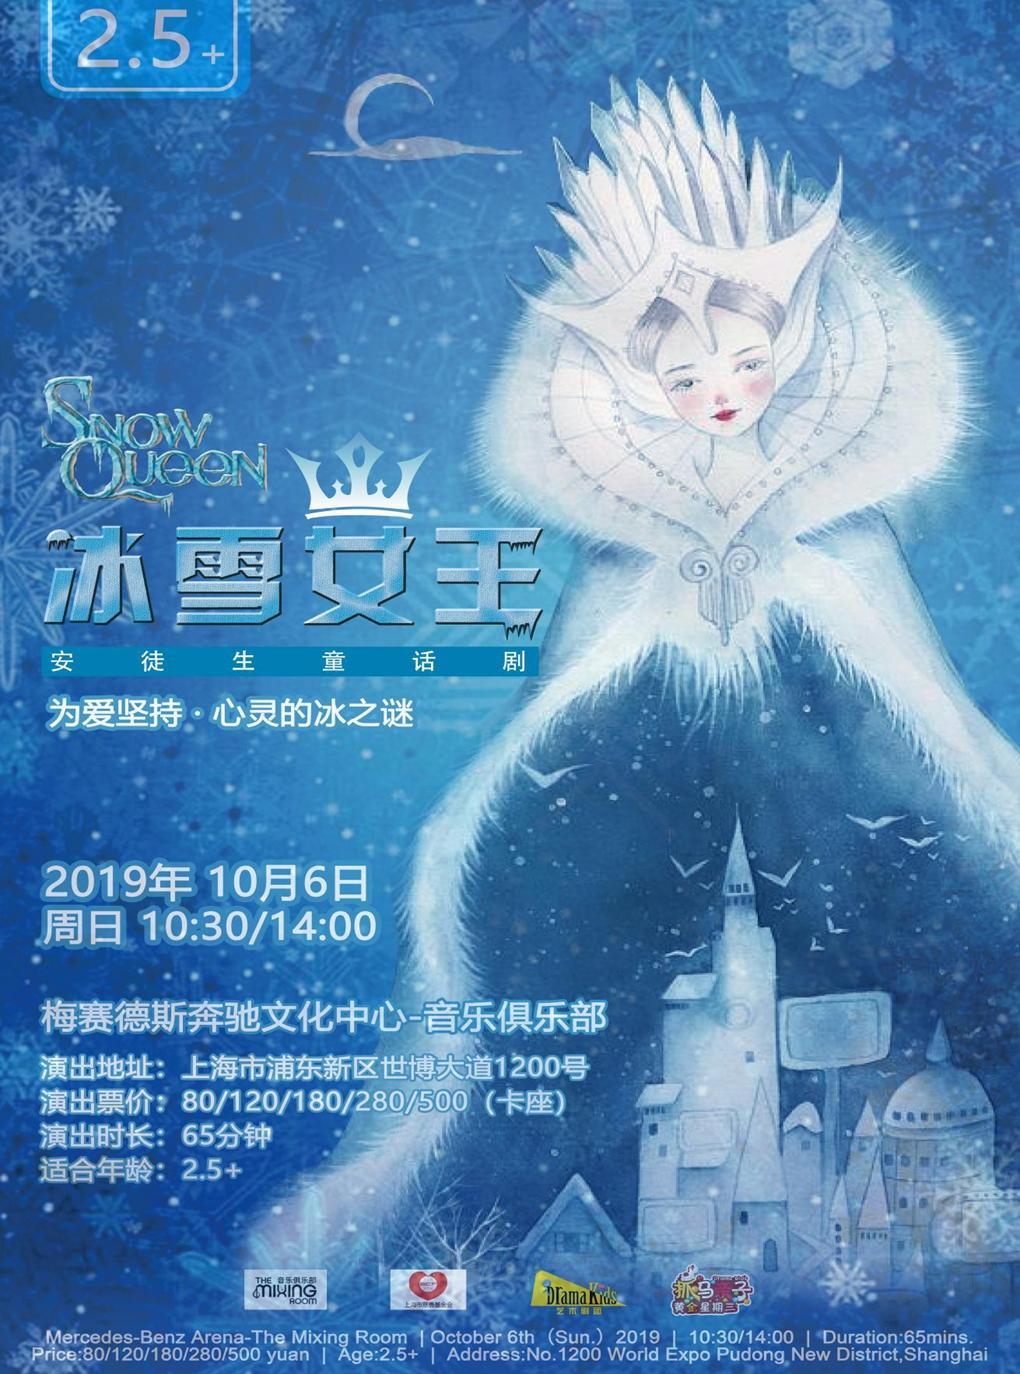 童话剧《冰雪女王 》